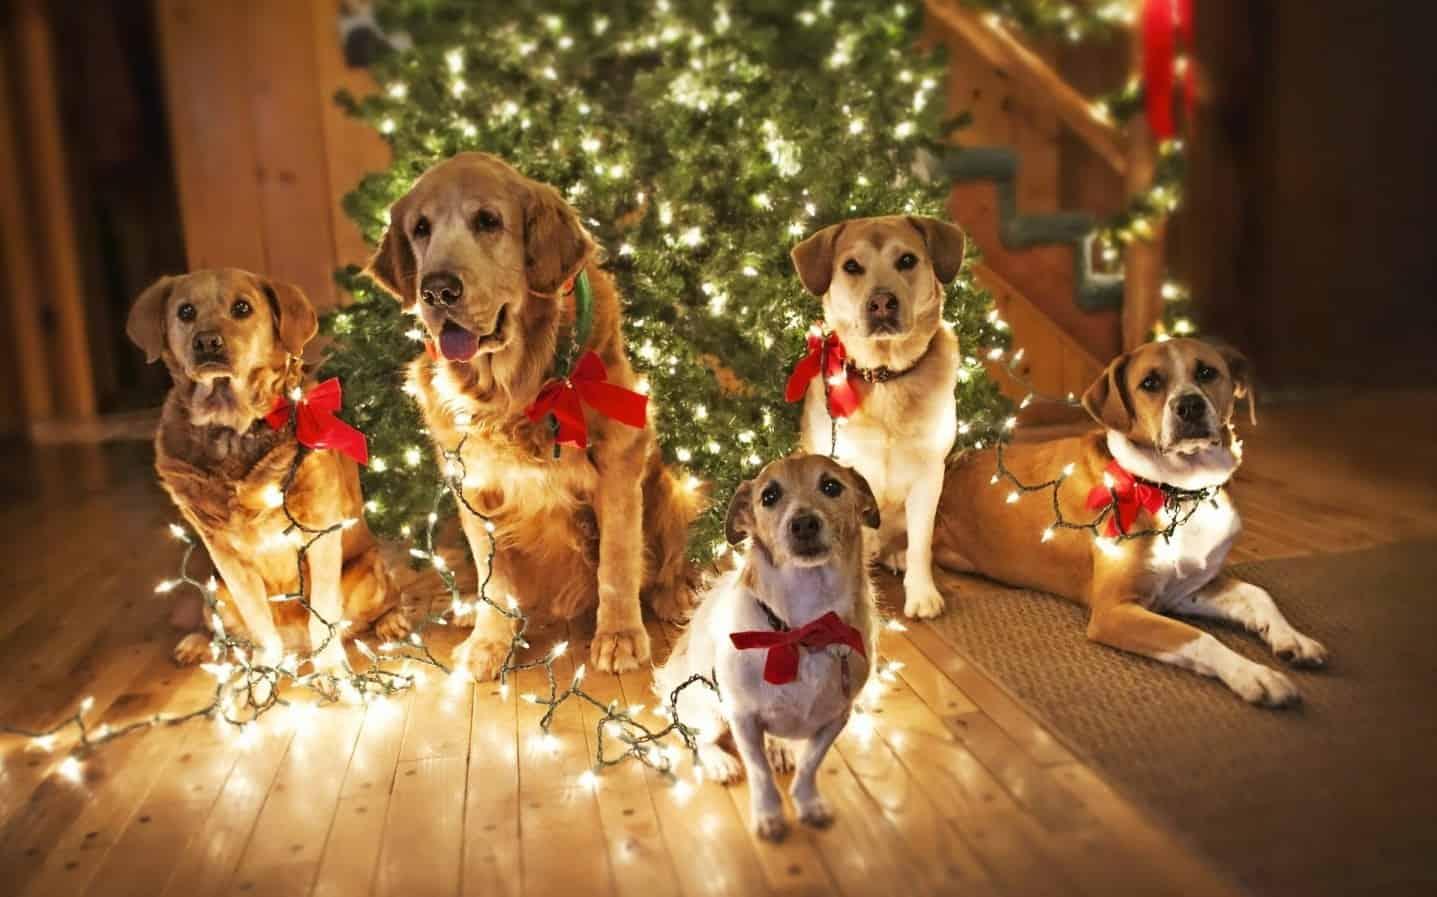 2018 год Желтой Земляной Собаки